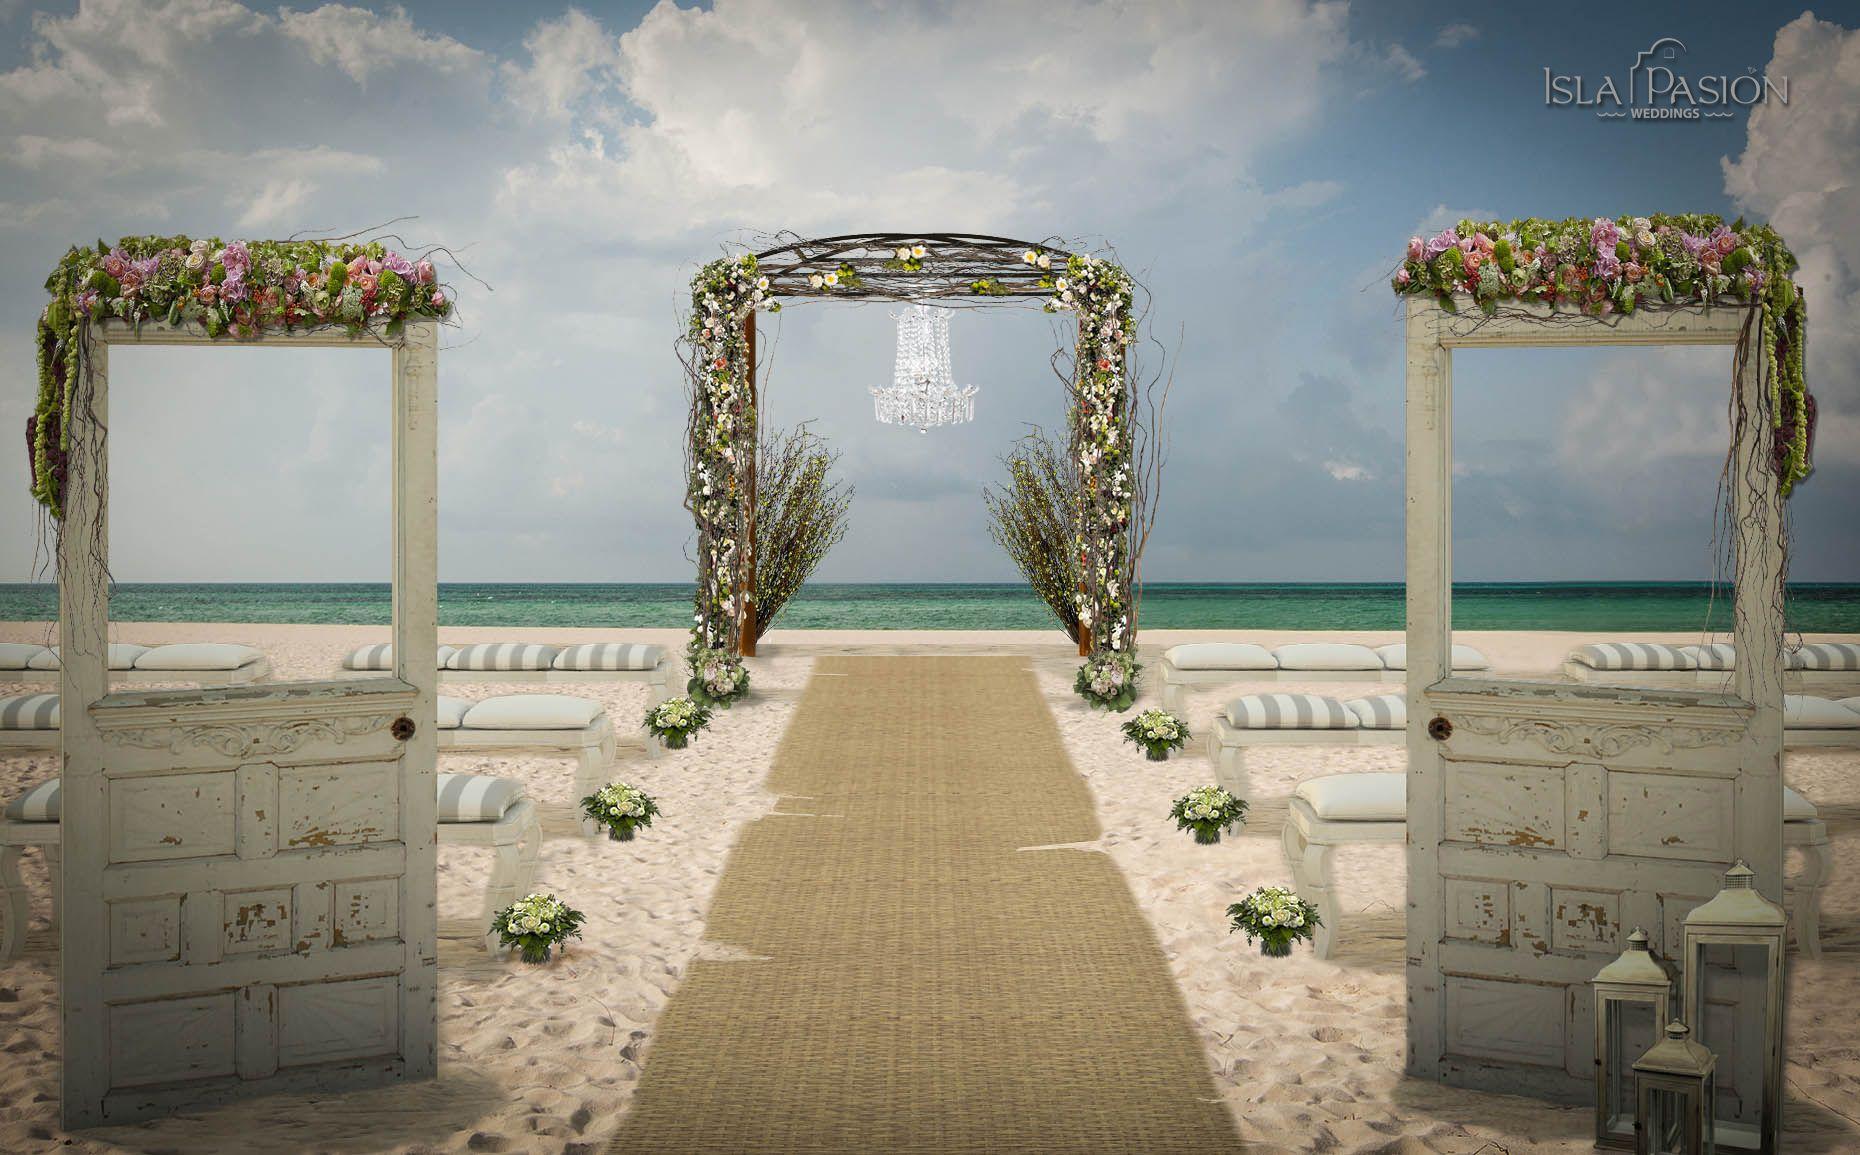 Beach wedding gazebo doors gazebo wedding gazebo